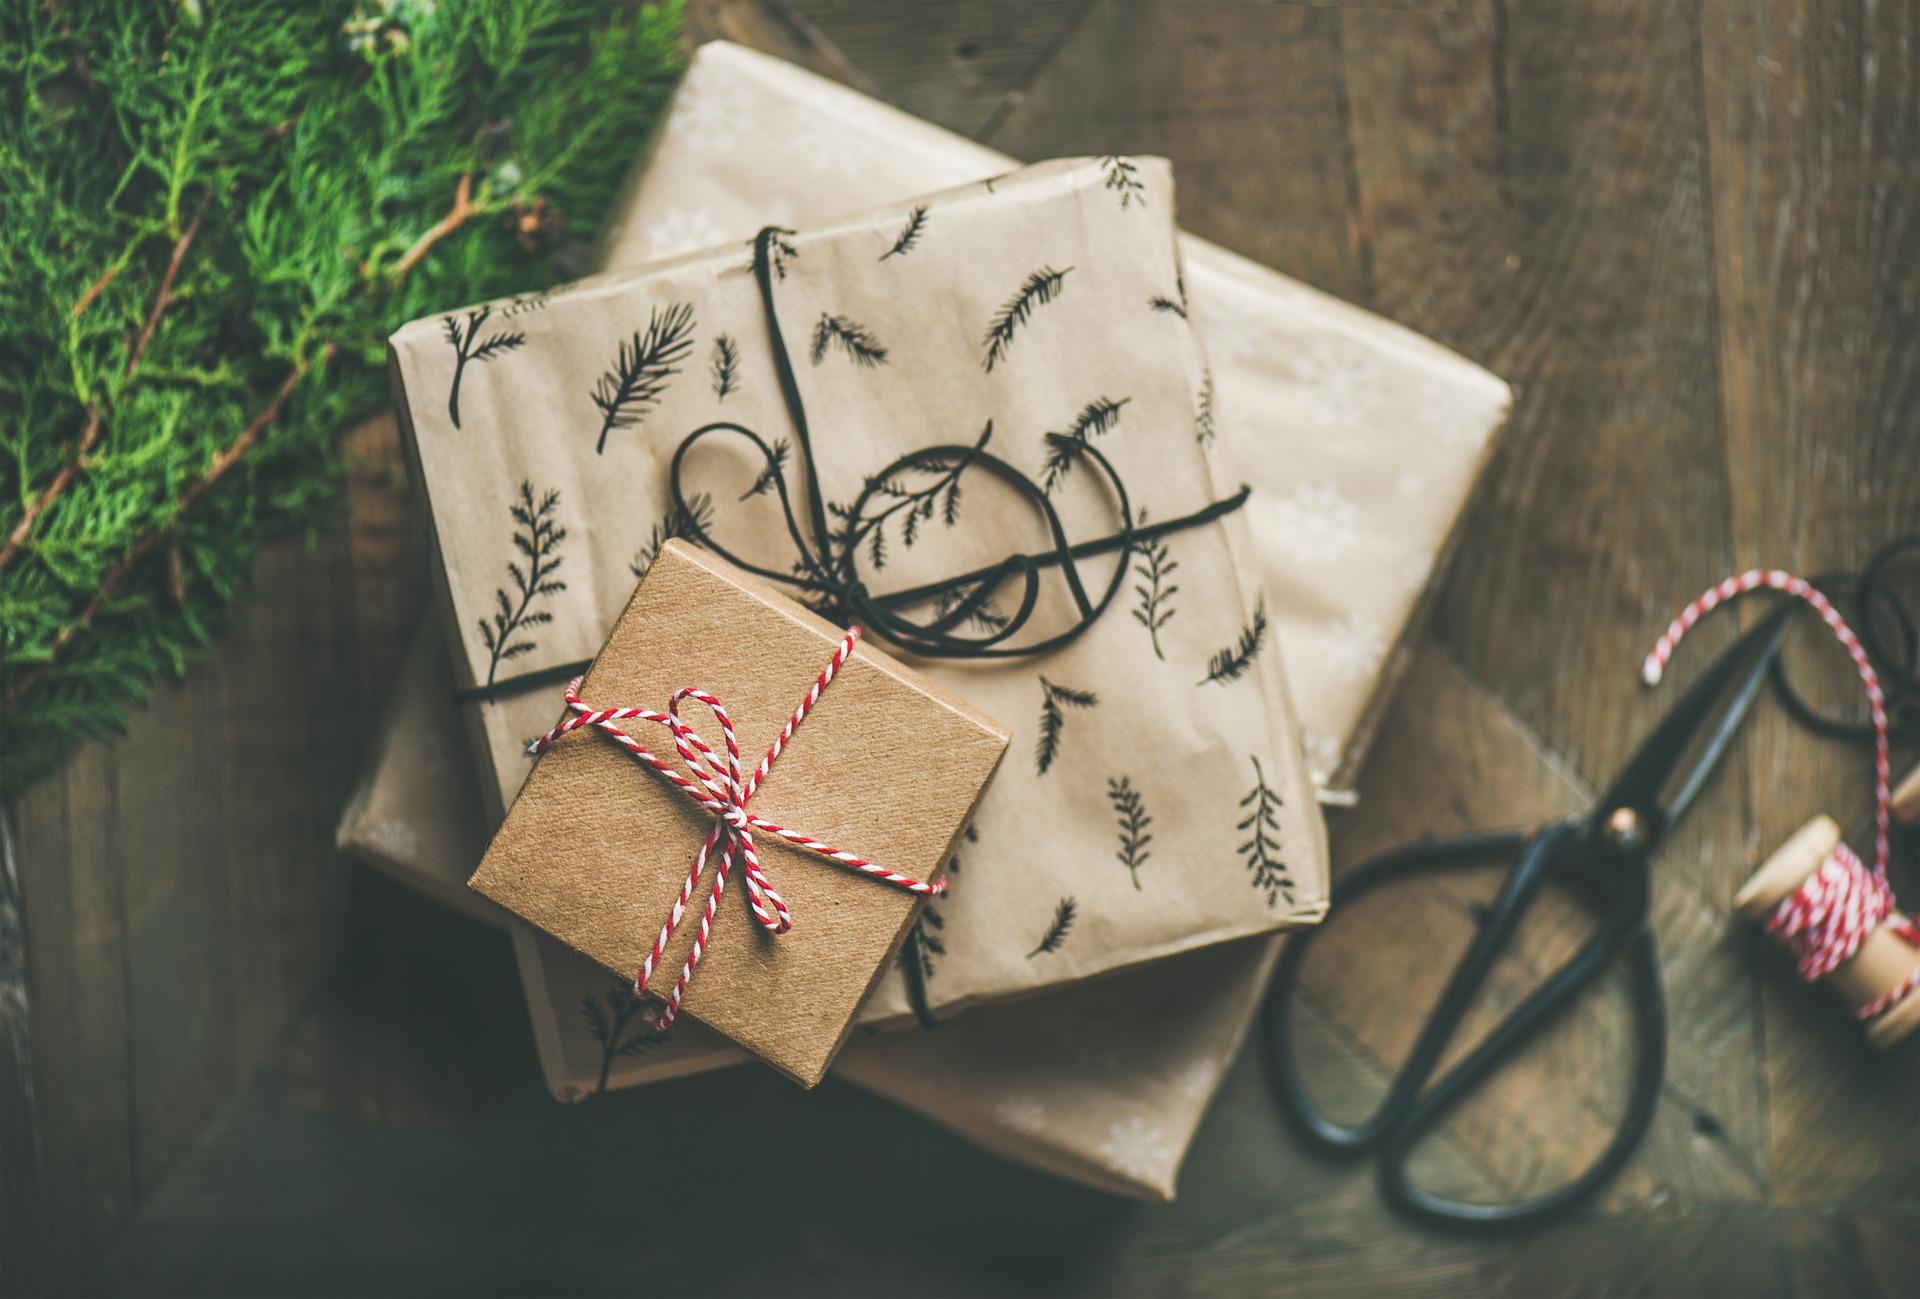 Paquets cadeaux empilés sur une table avec de la ficelle